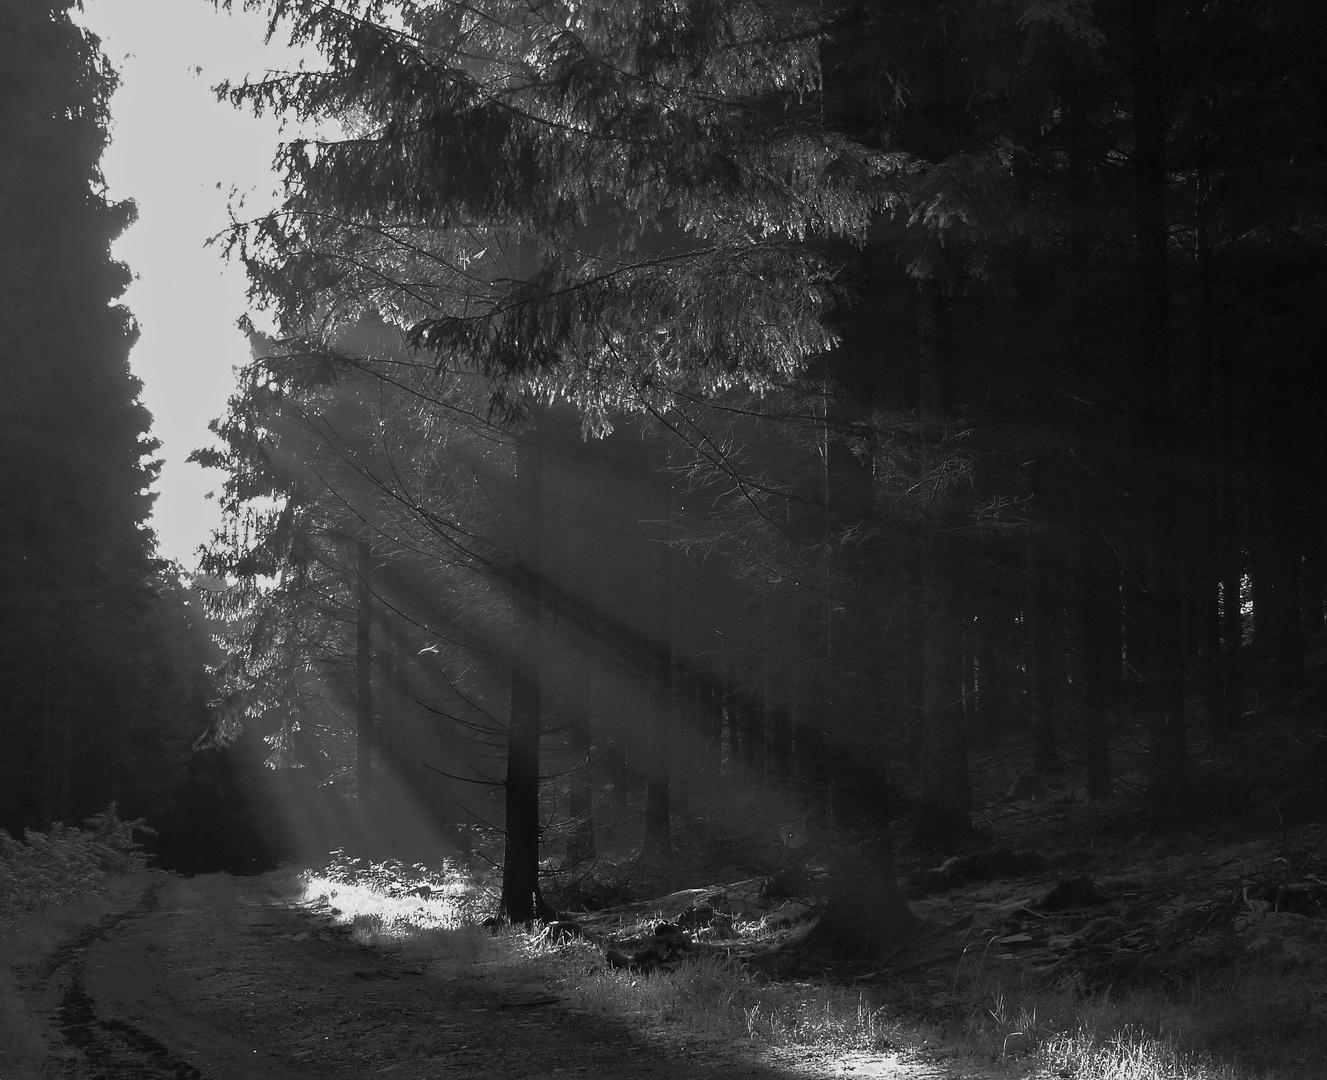 Lichtdusche im morgentlichen Waldnebel